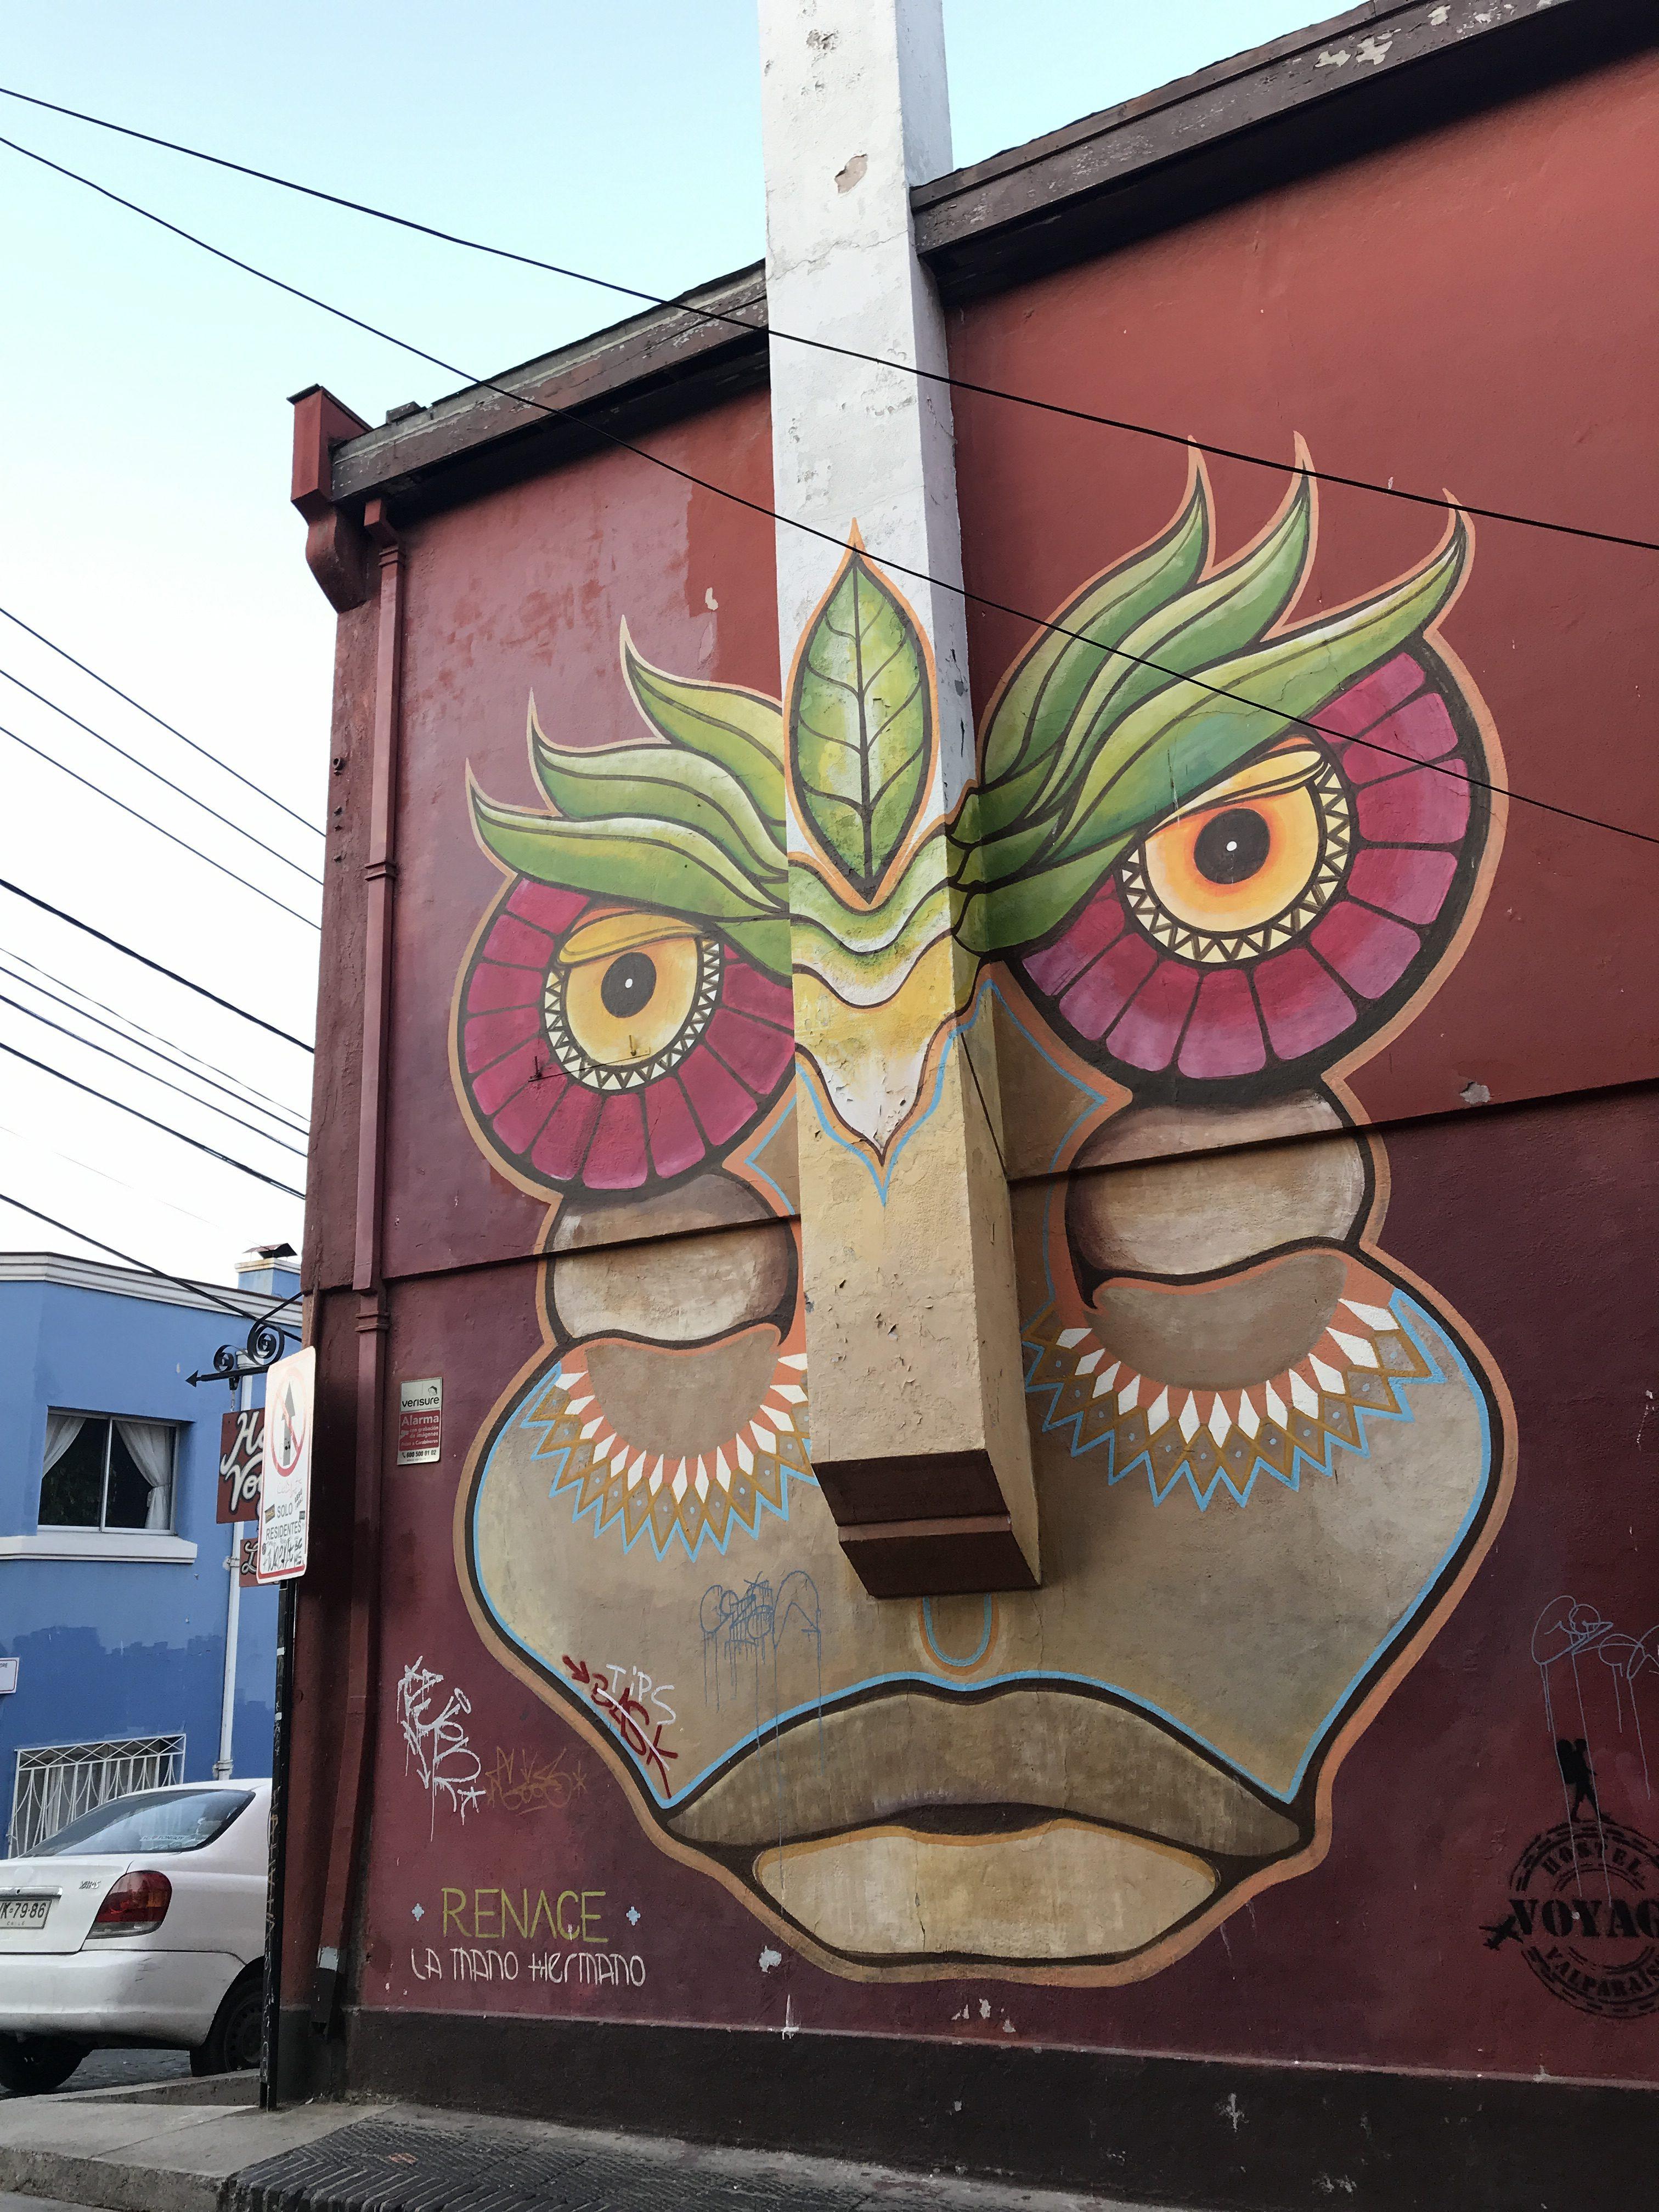 アートな街バルパライソをチパコプターがゆく